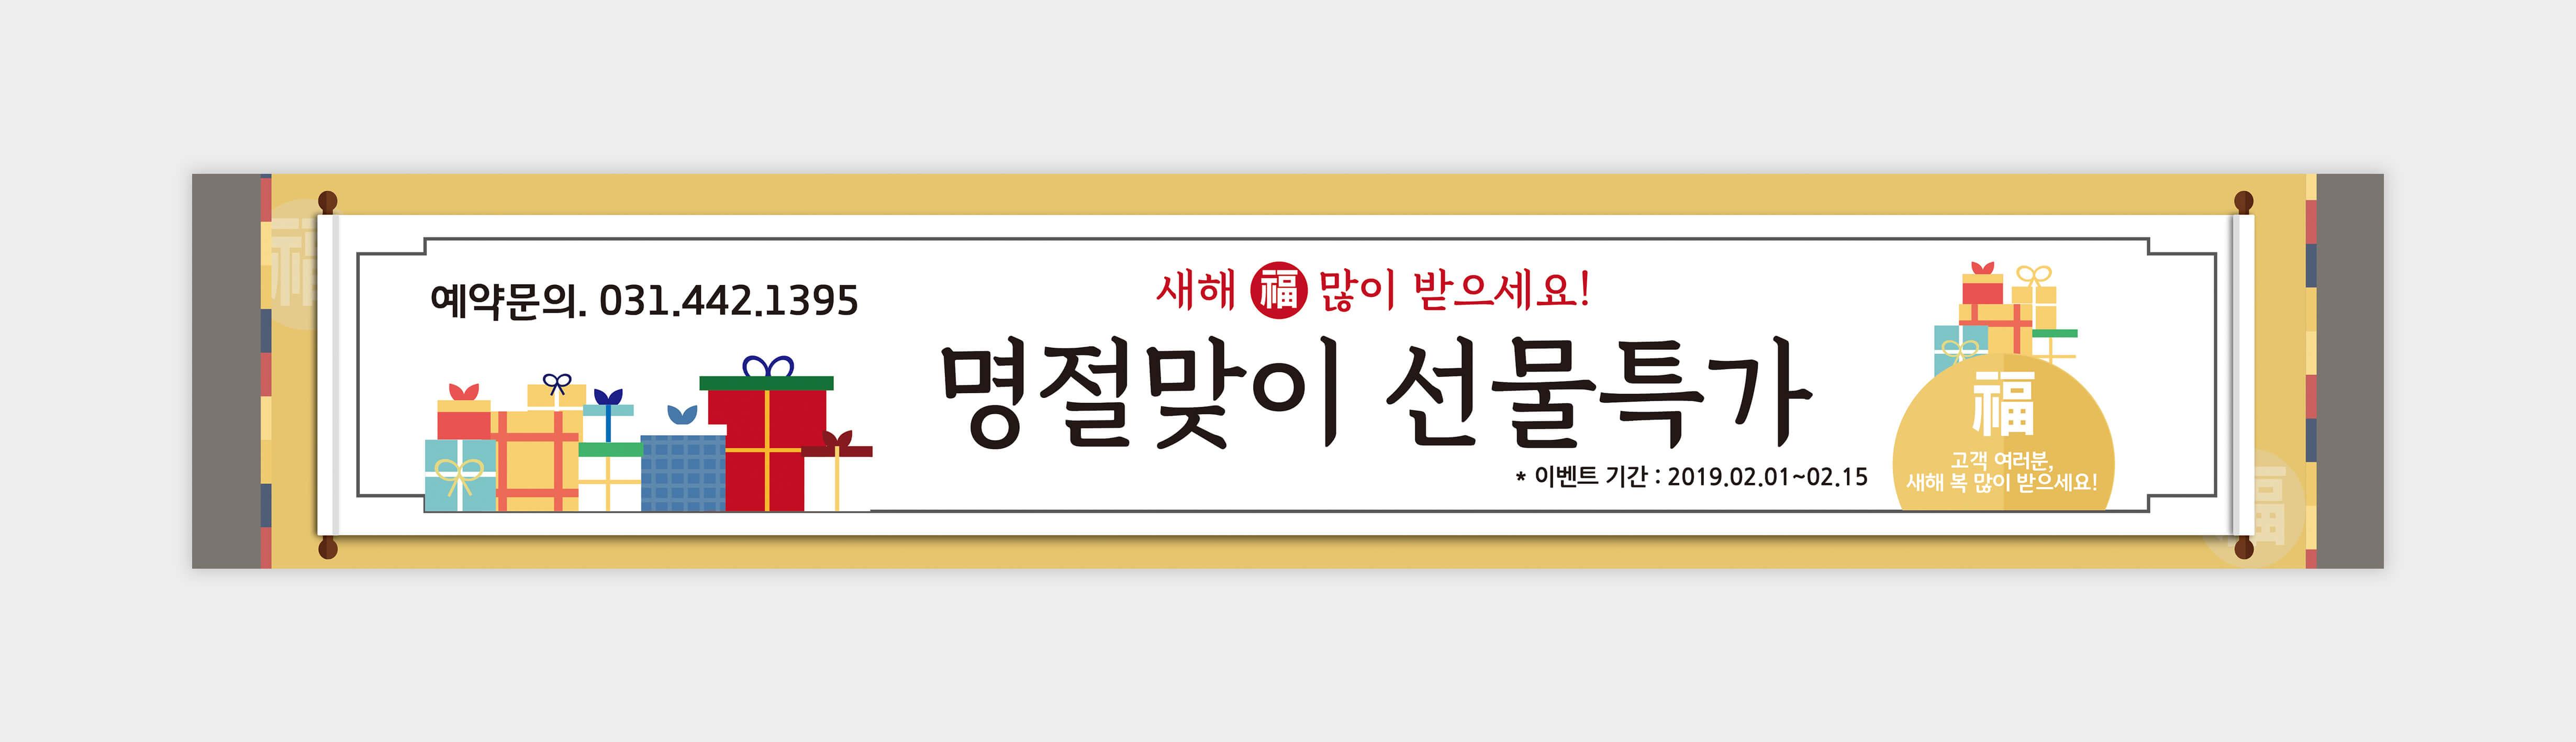 현수막_007